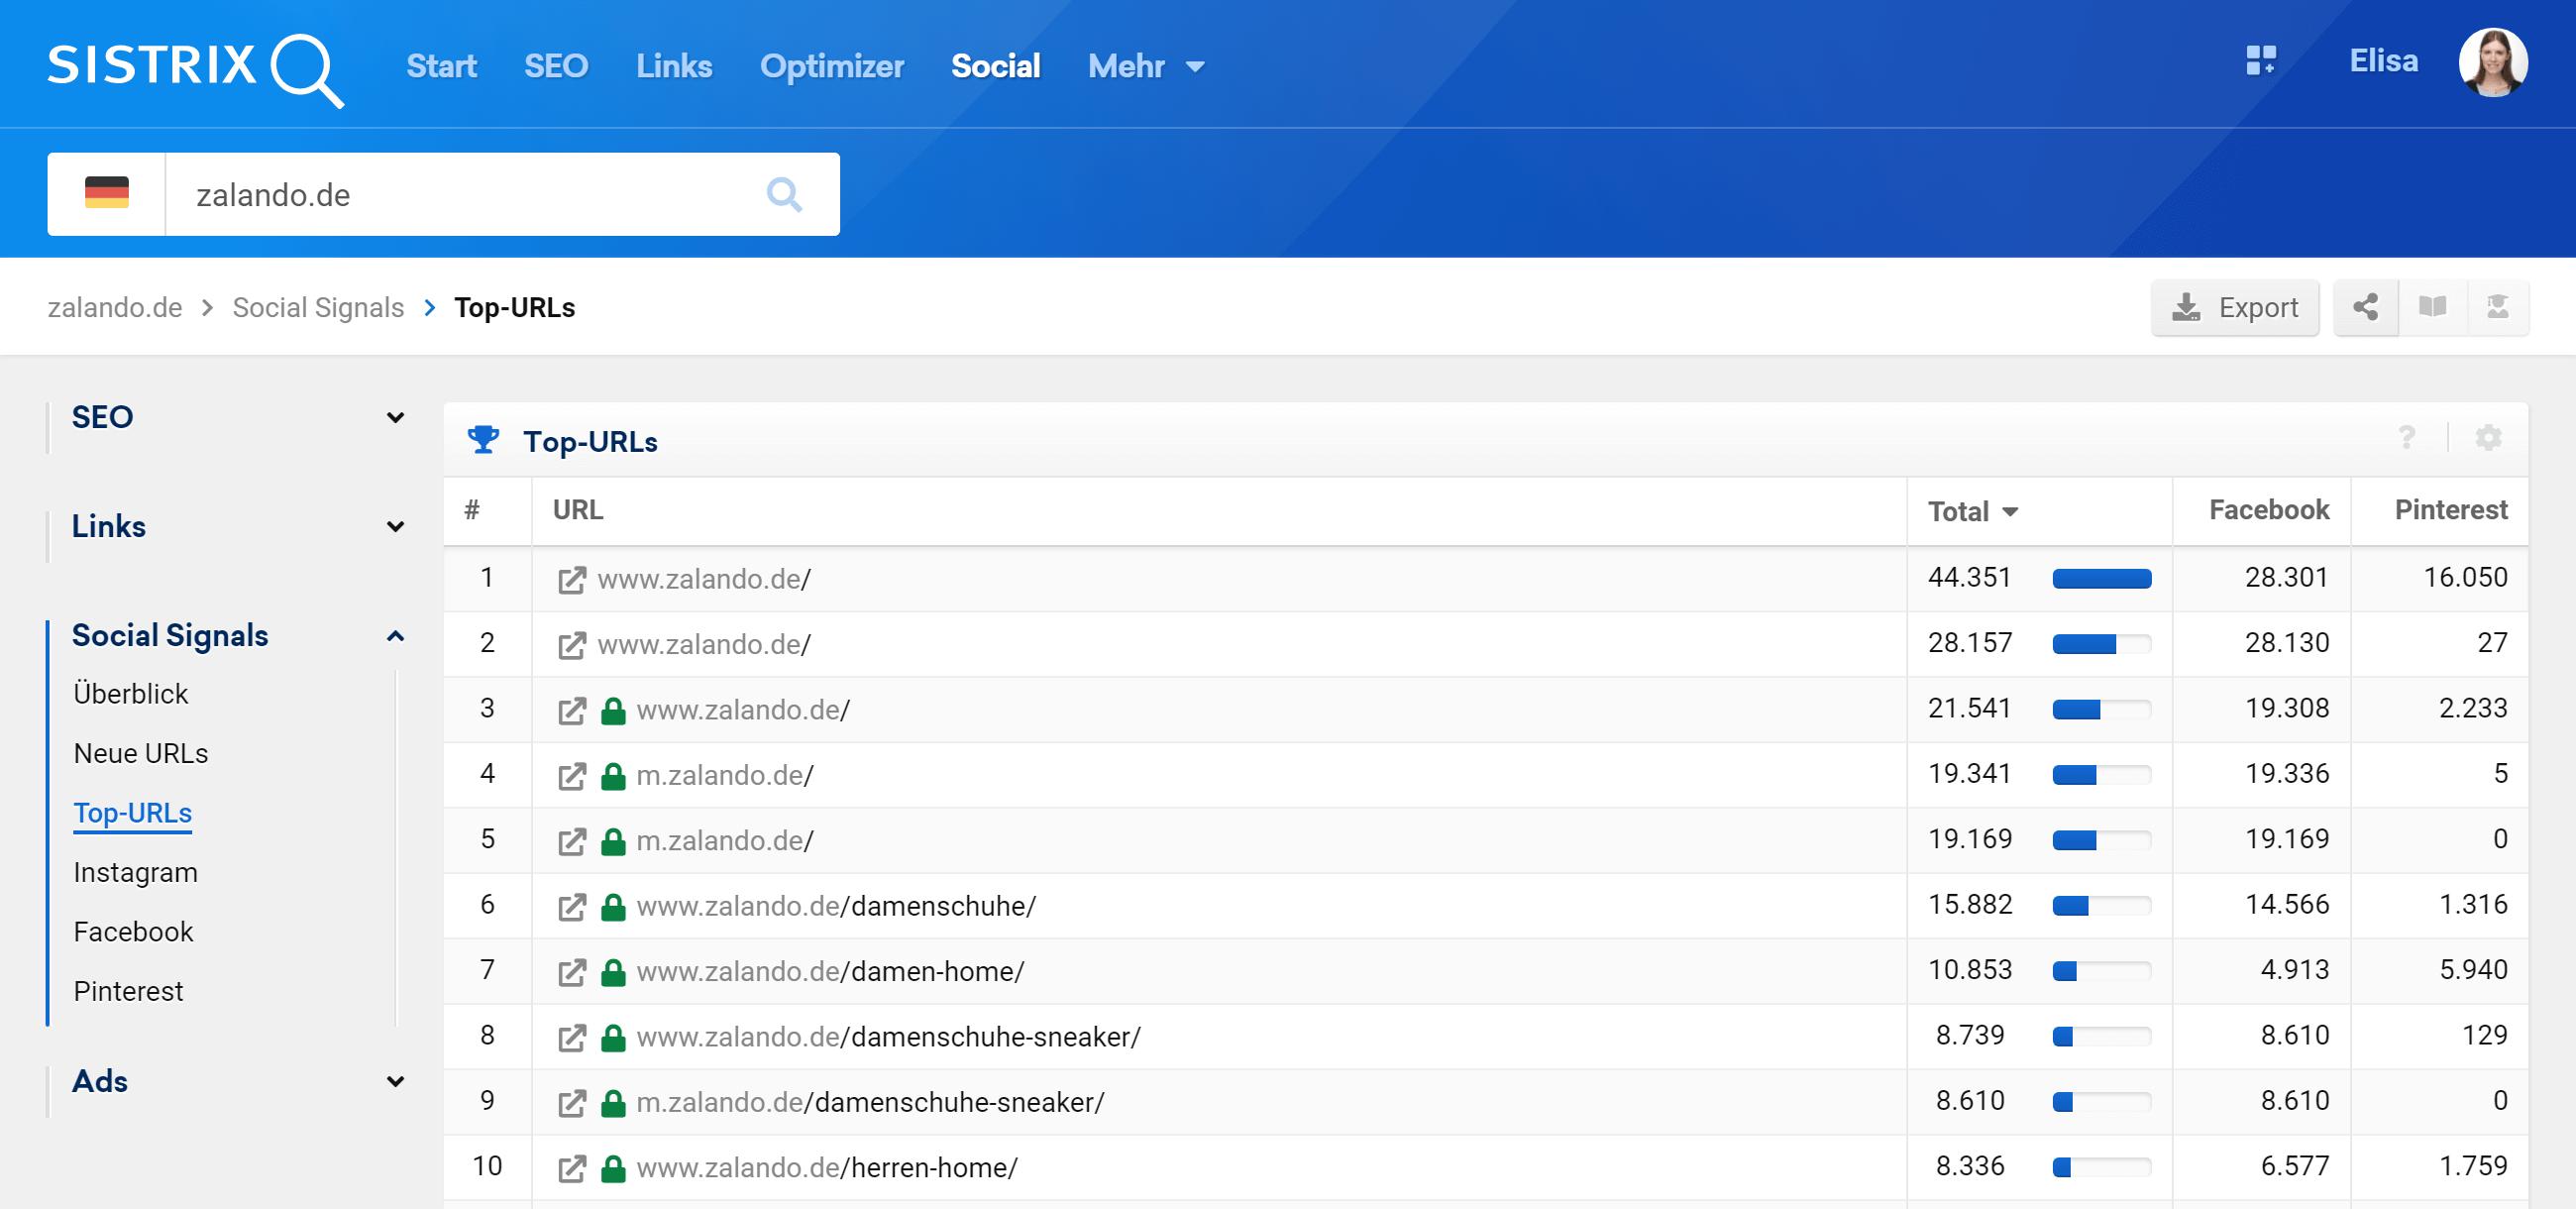 """Der Bereich """"Top-URLs"""" in dem Social Modul der SISTRIX Toolbox"""